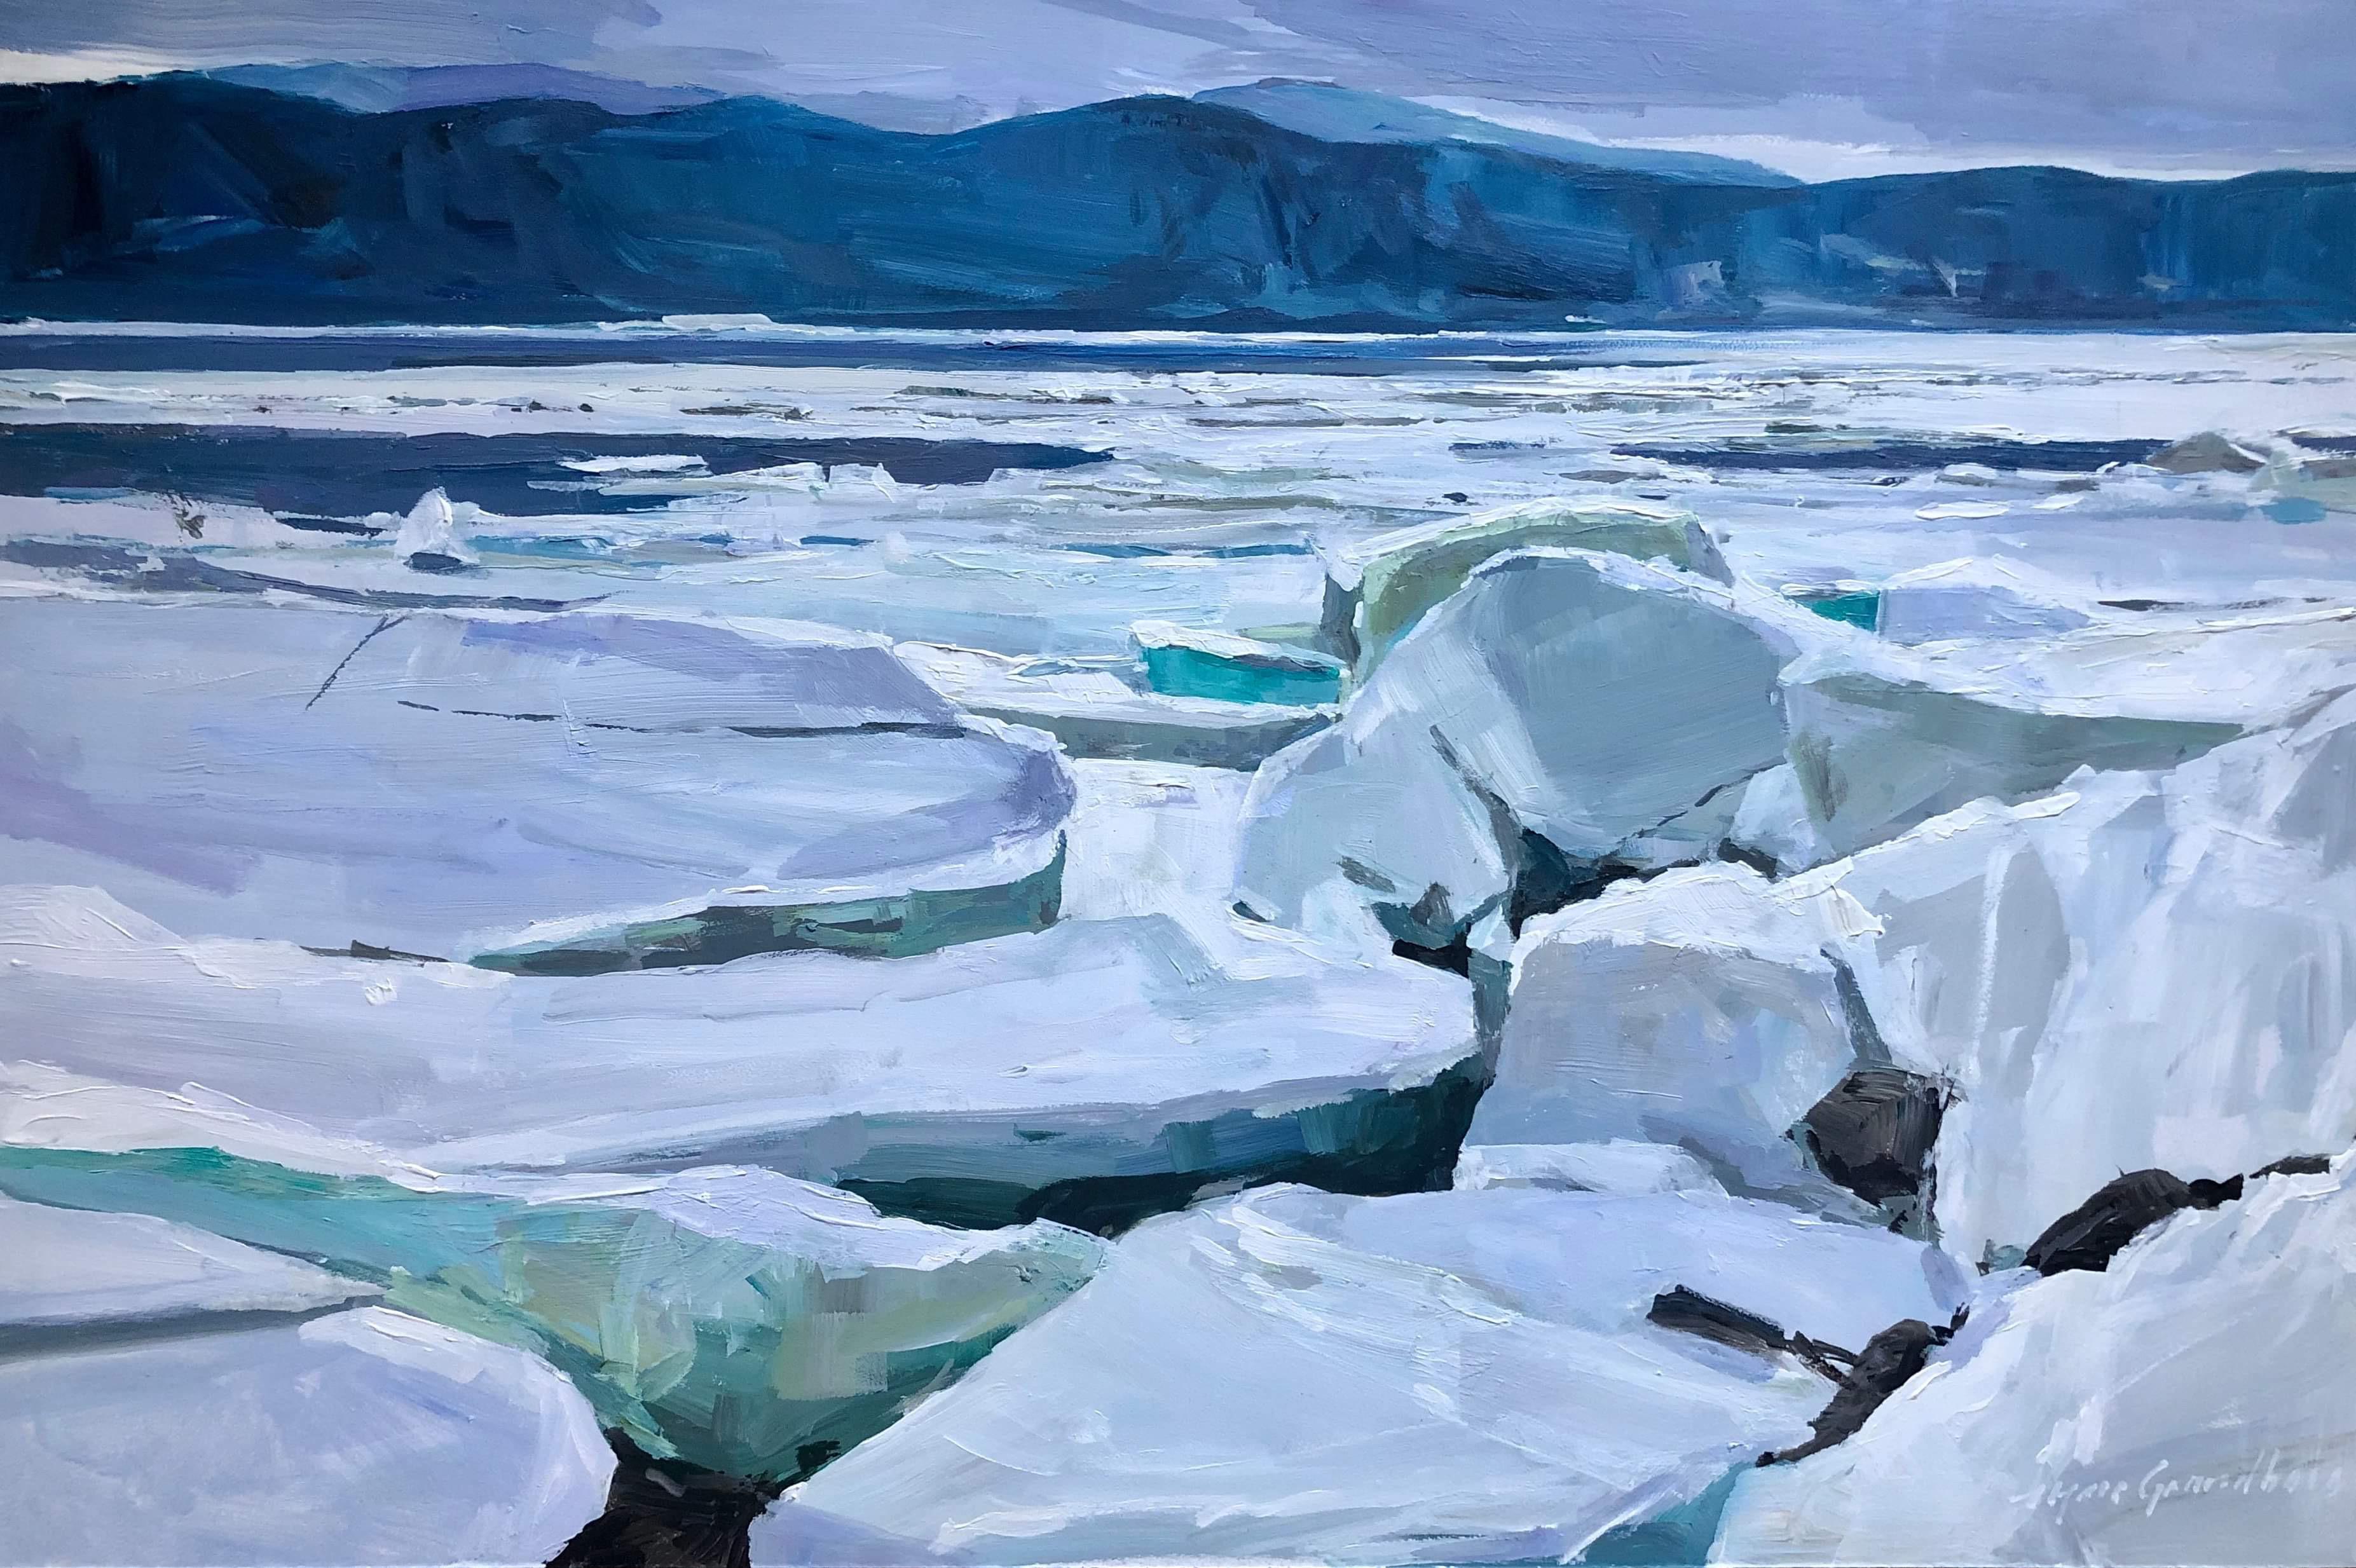 Grandbois - Glaces sur la rivière Saguenay - 16x24 - 1080$